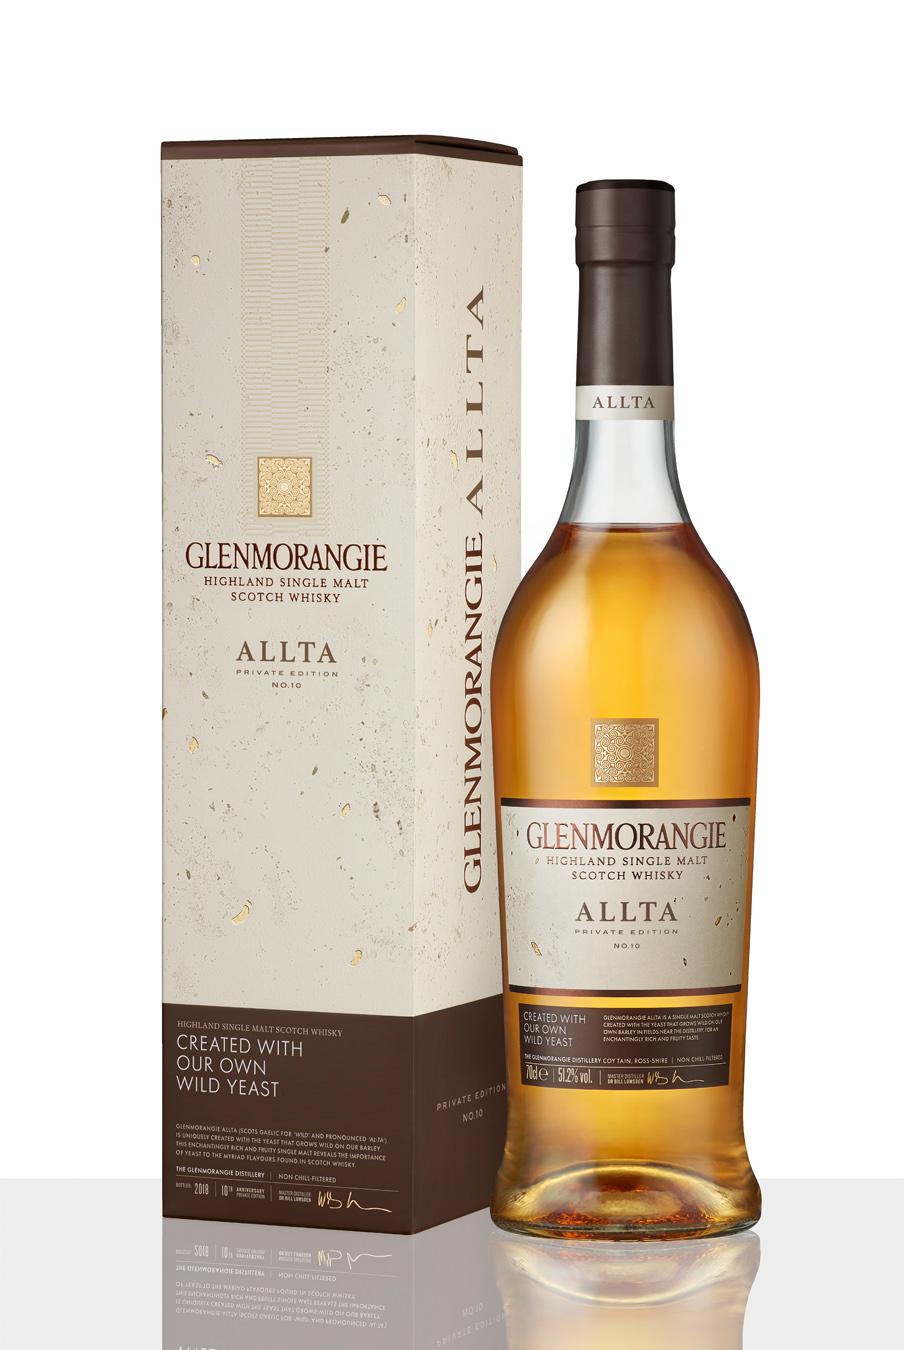 格蘭傑私藏系列第十款 Glenmorangie Allta《野生》 酒瓶與外盒